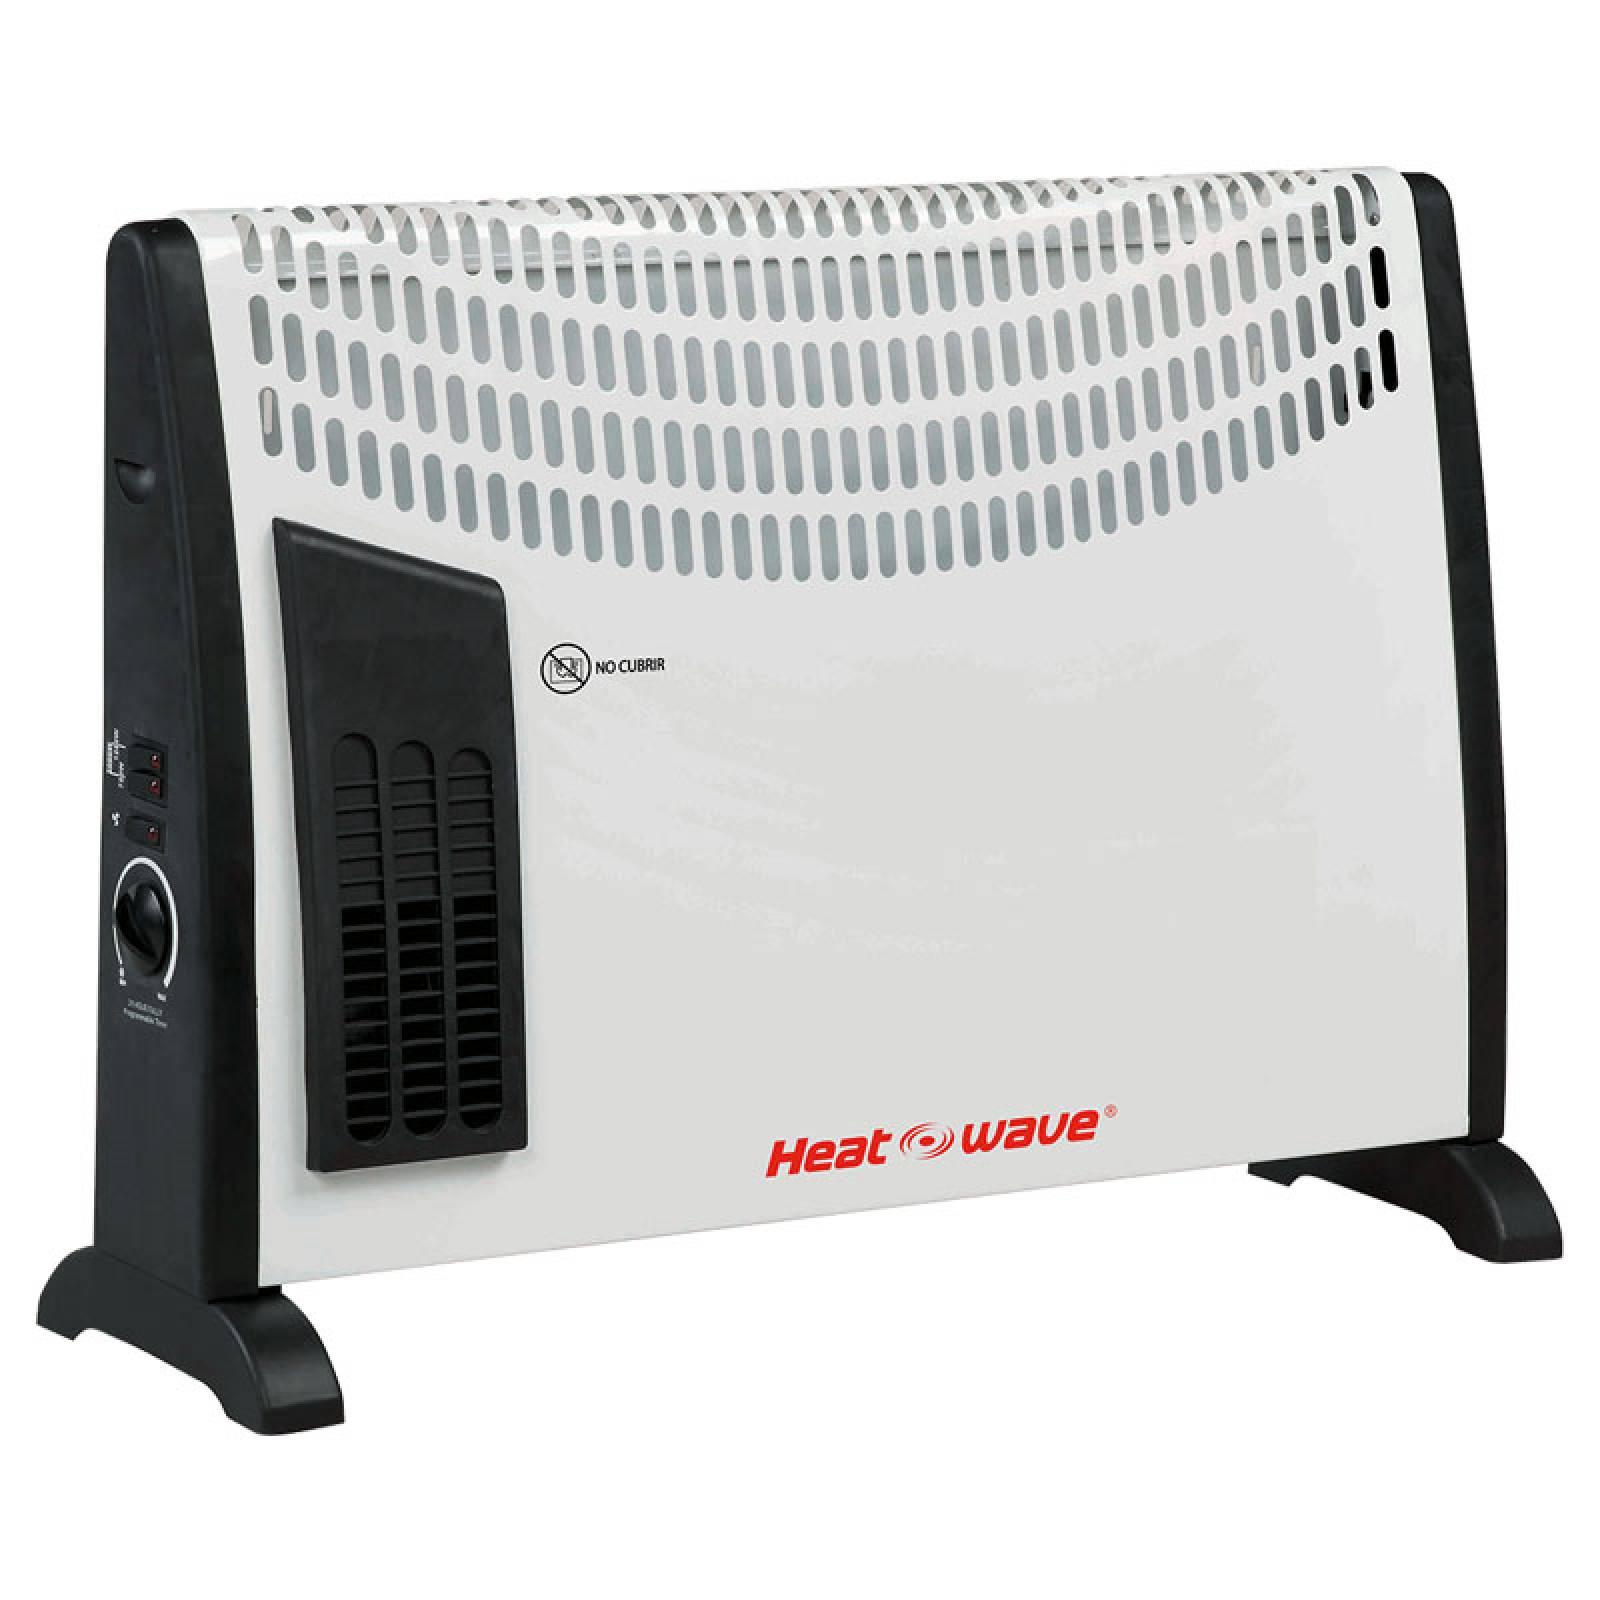 Calefactor Electrico Conveccion 1500 w Turbo Heat Wave